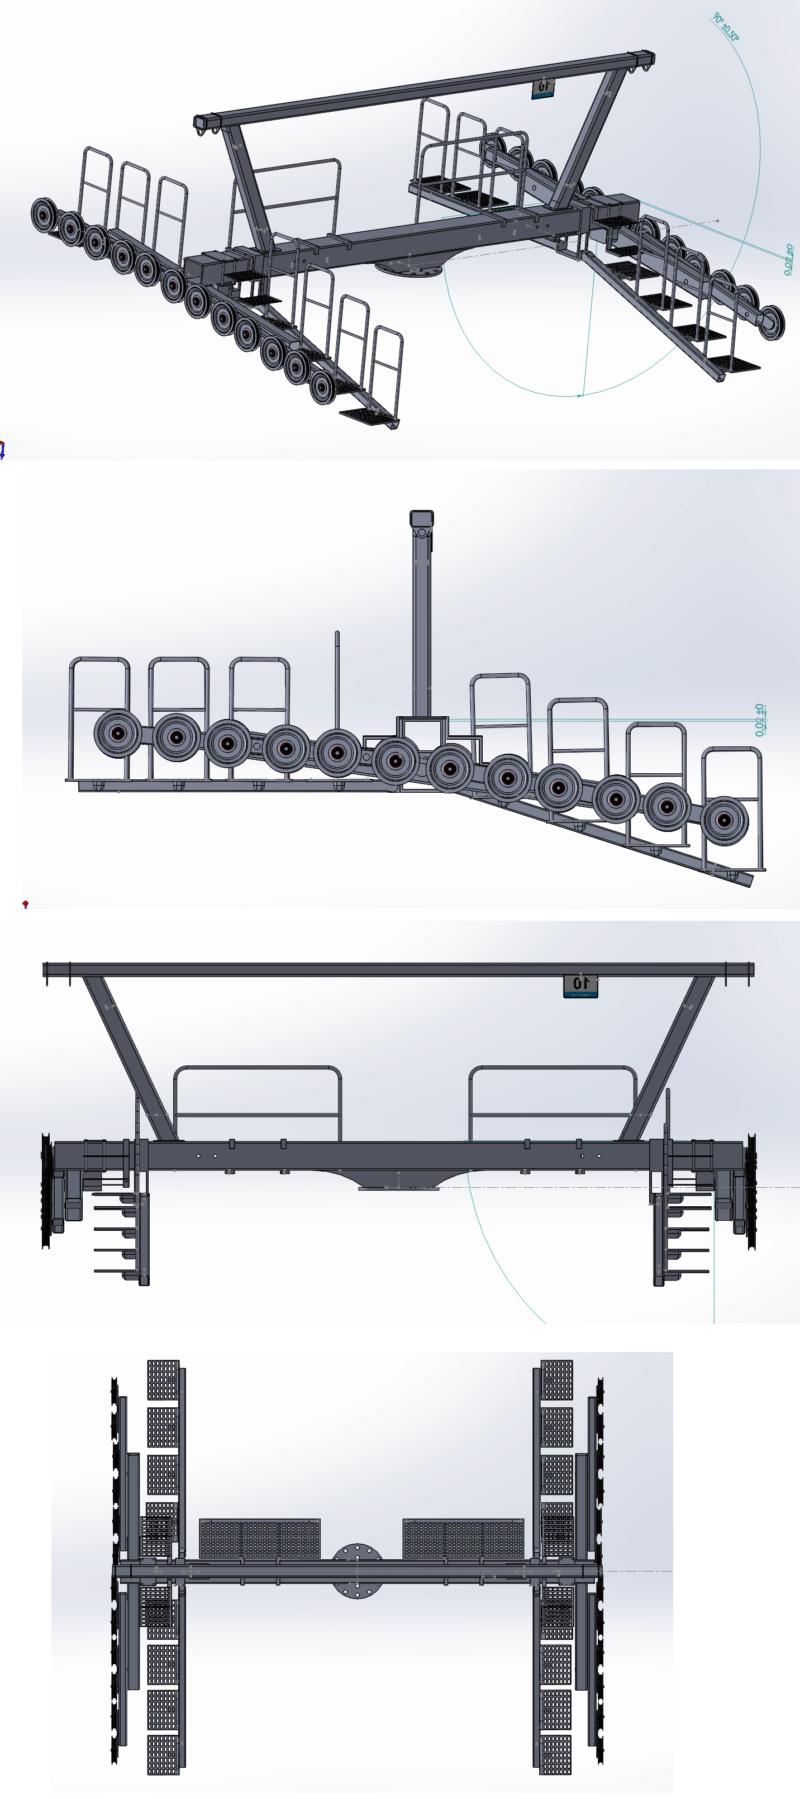 Dessins techniques & plans 3D remontées mécaniques Pylone12